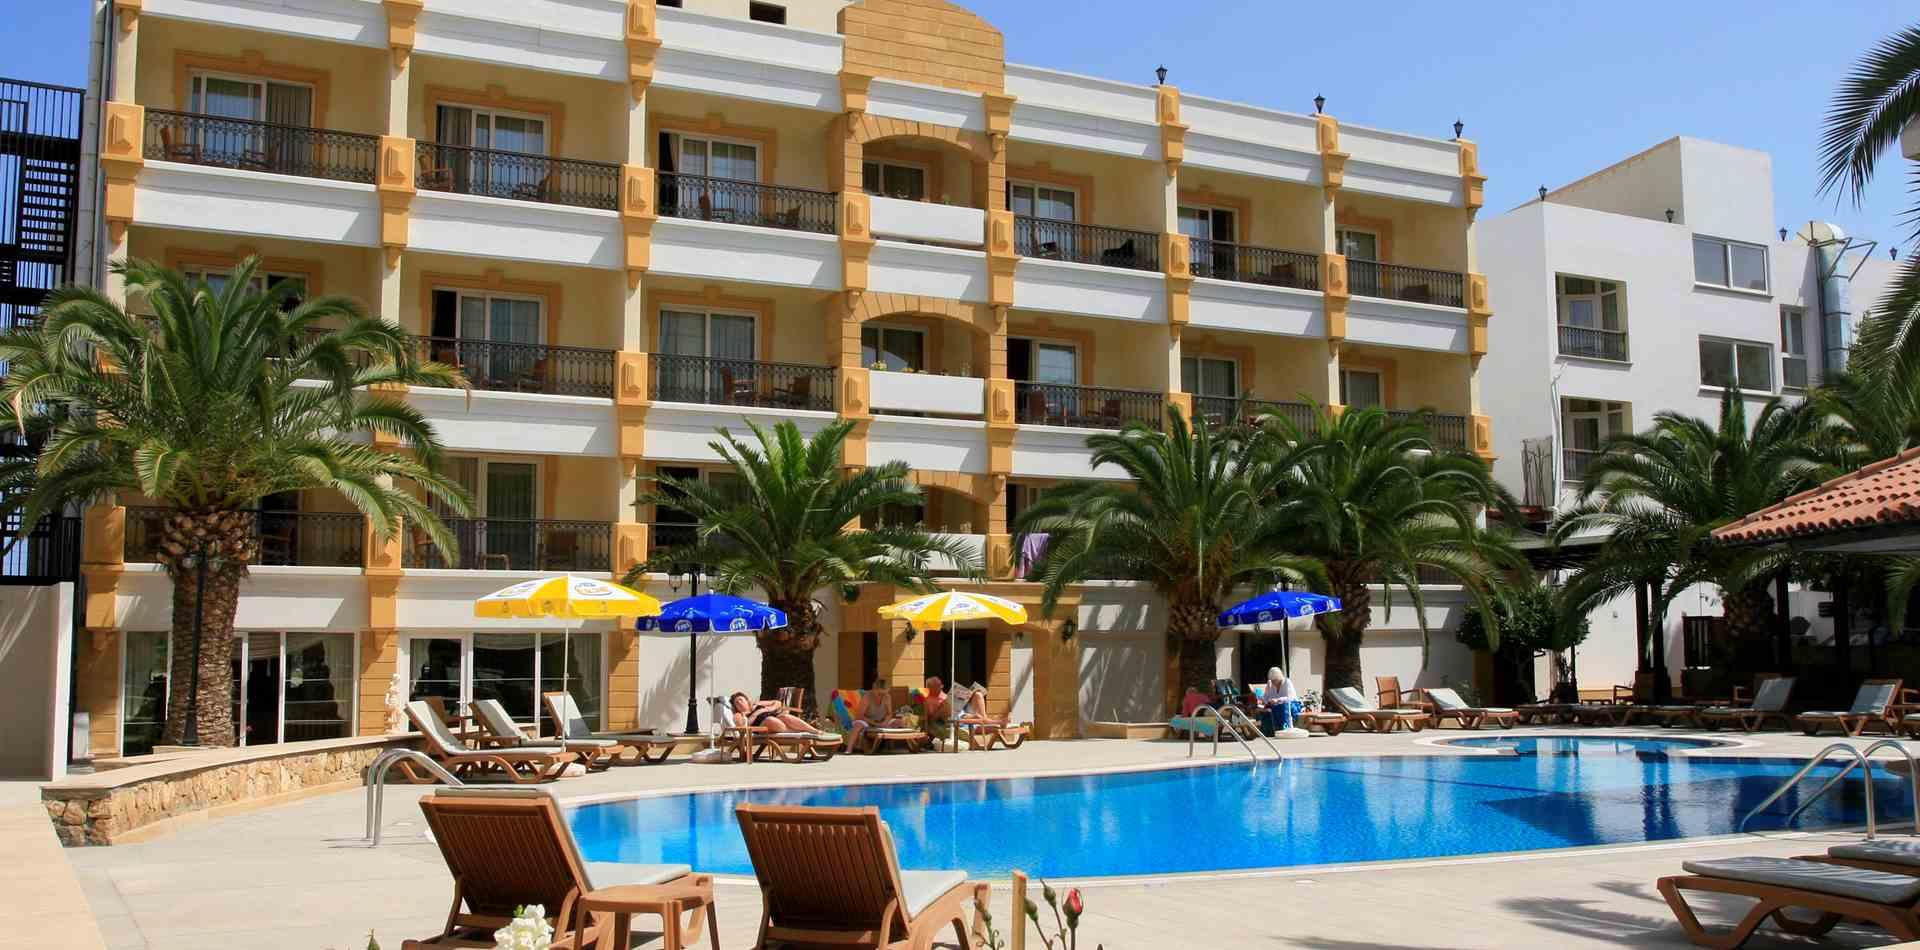 Pia Bella Hotel, Kyrenia, North Cyprus